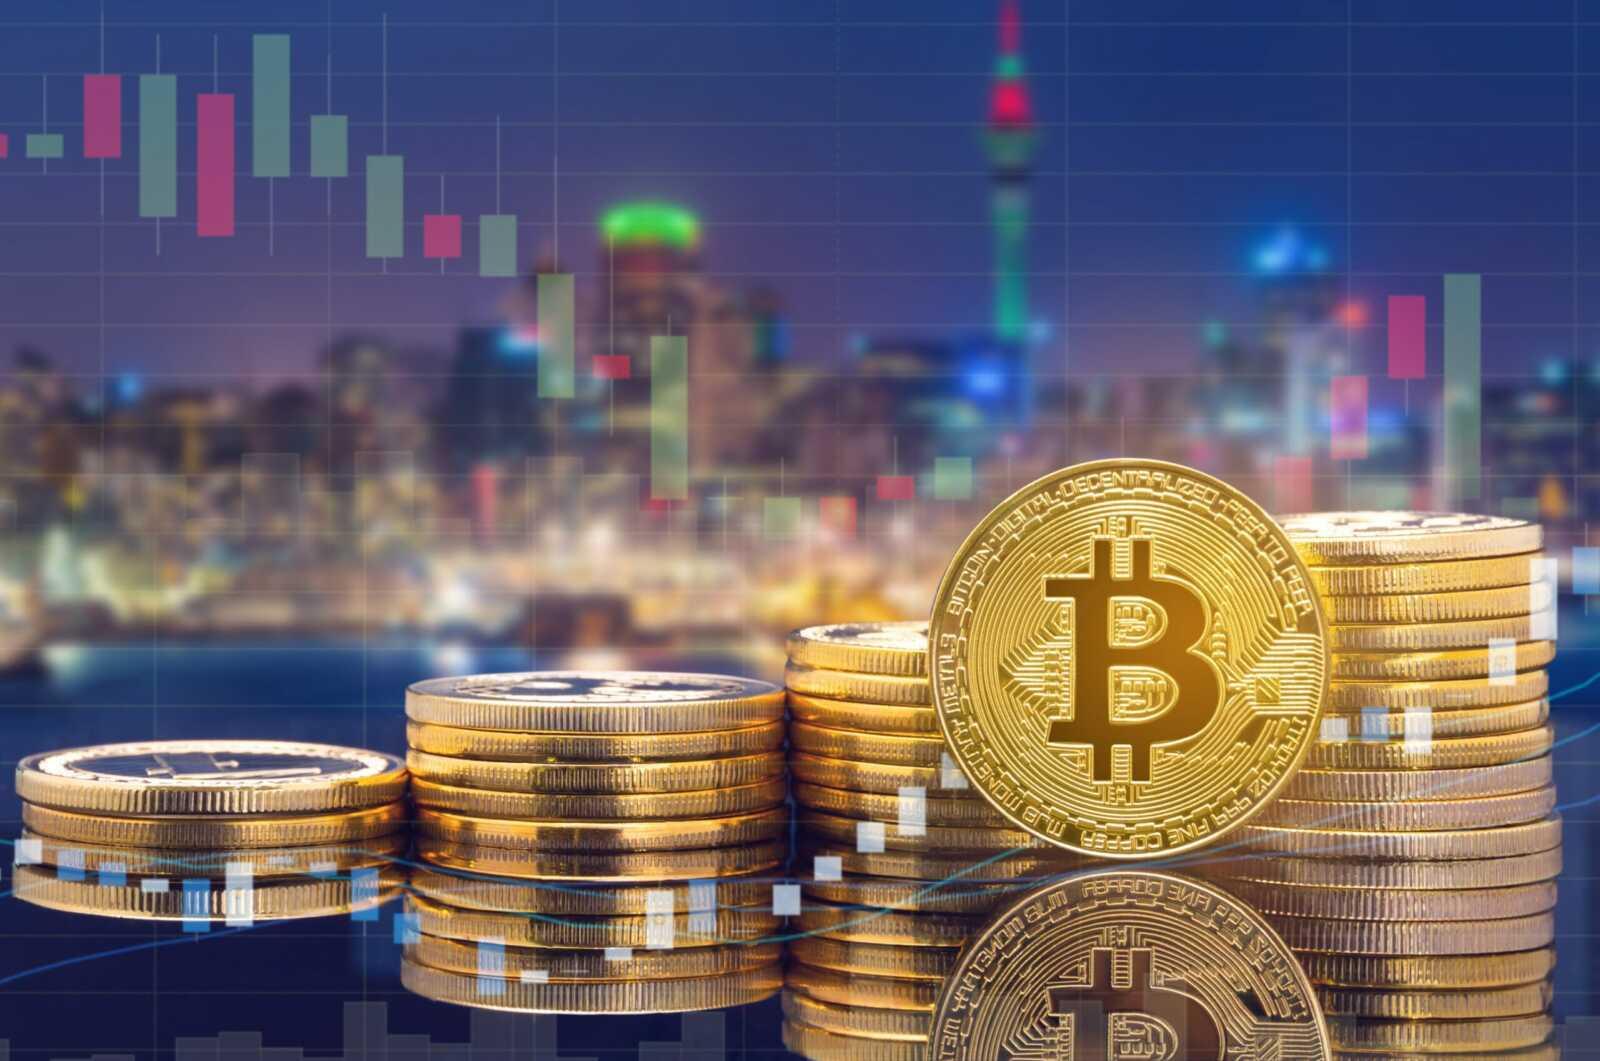 bitcoin tekrar 20 000 dolari gorur mu 6021197012b8f scaled